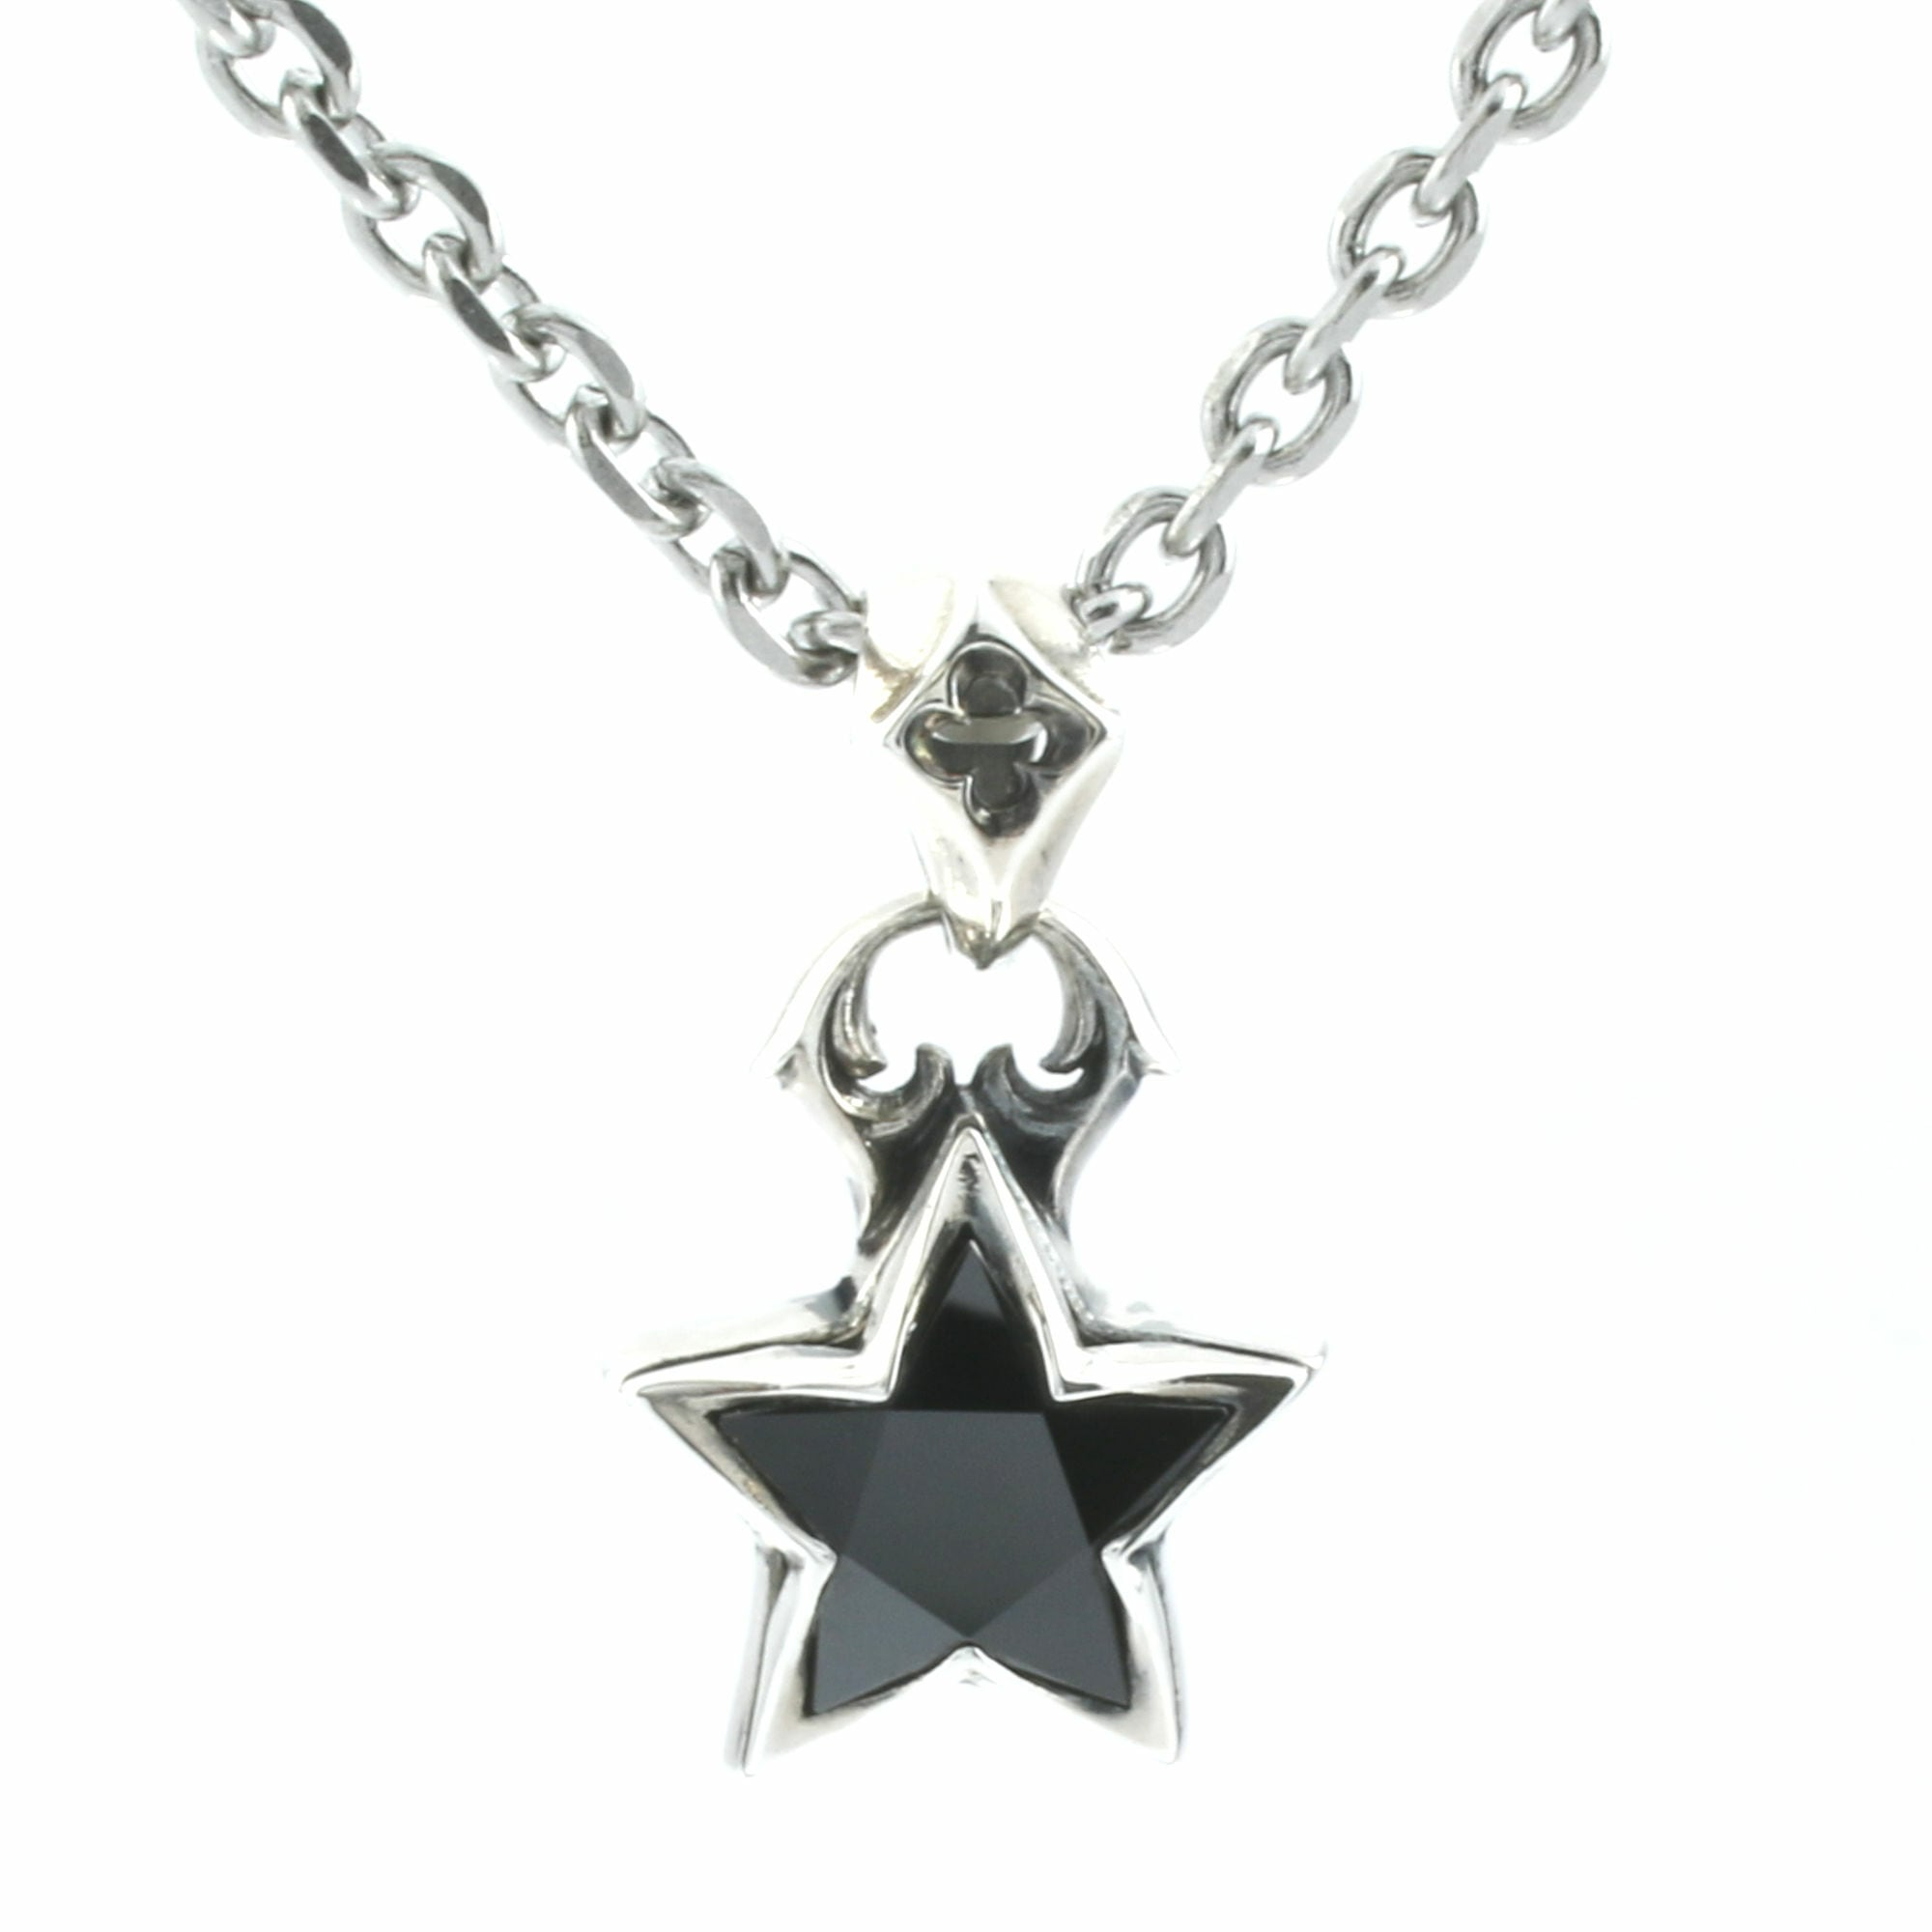 イブニングスターチャーム(ブラック) ACP0294 Evening Star Charm (Black)